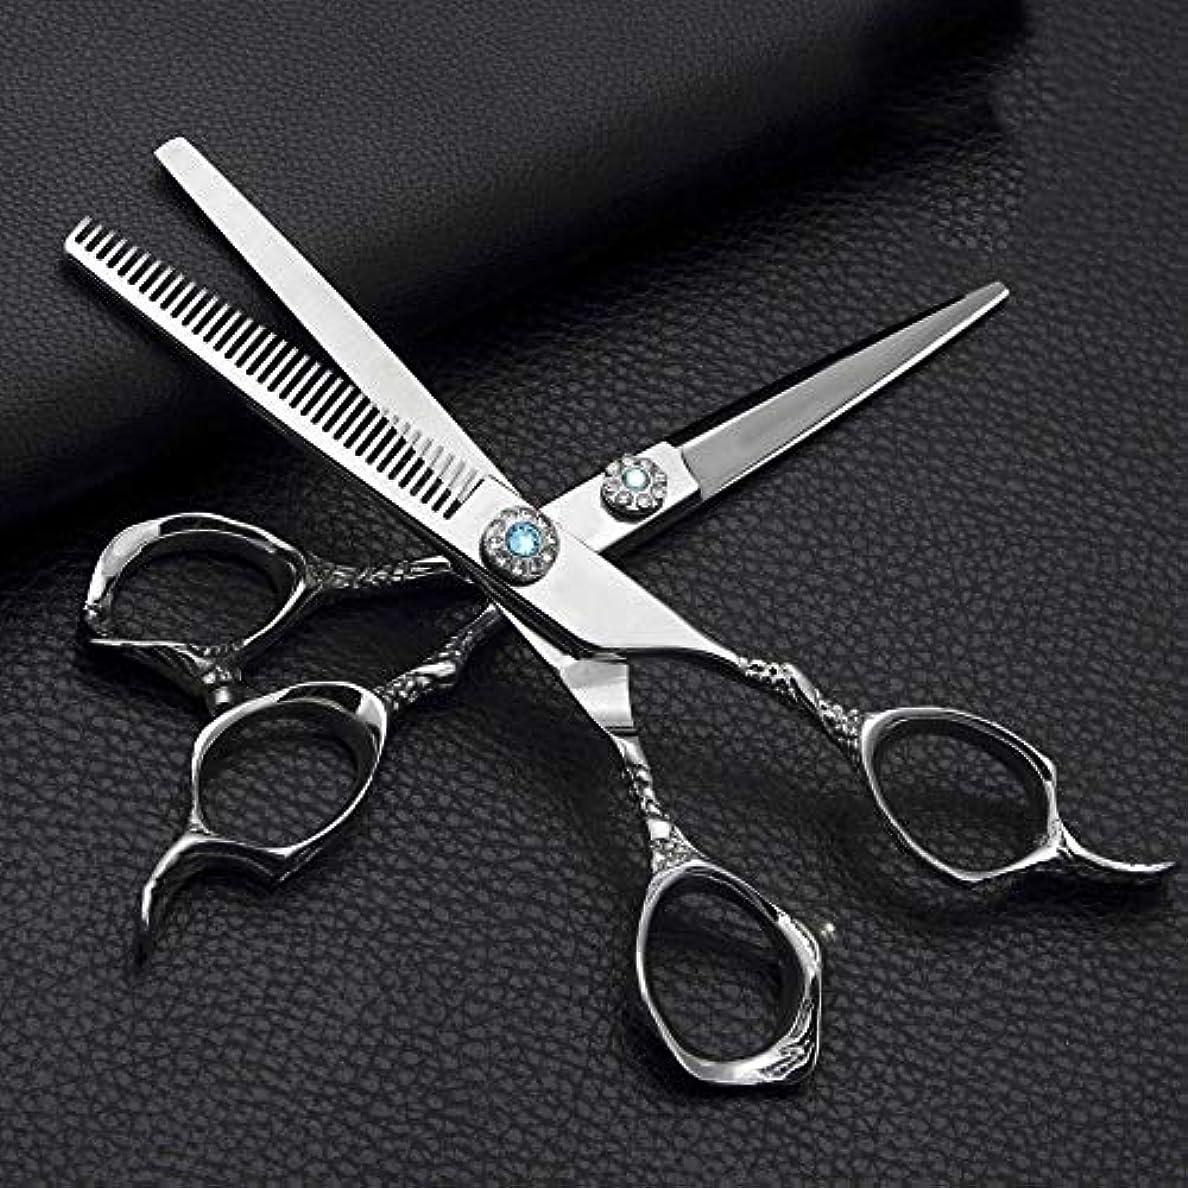 受け入れた提唱する受け入れたGoodsok-jp 6.0インチの理髪はさみ、ステンレス鋼の平らなせん断の歯のはさみの理髪のはさみセット (色 : Silver)